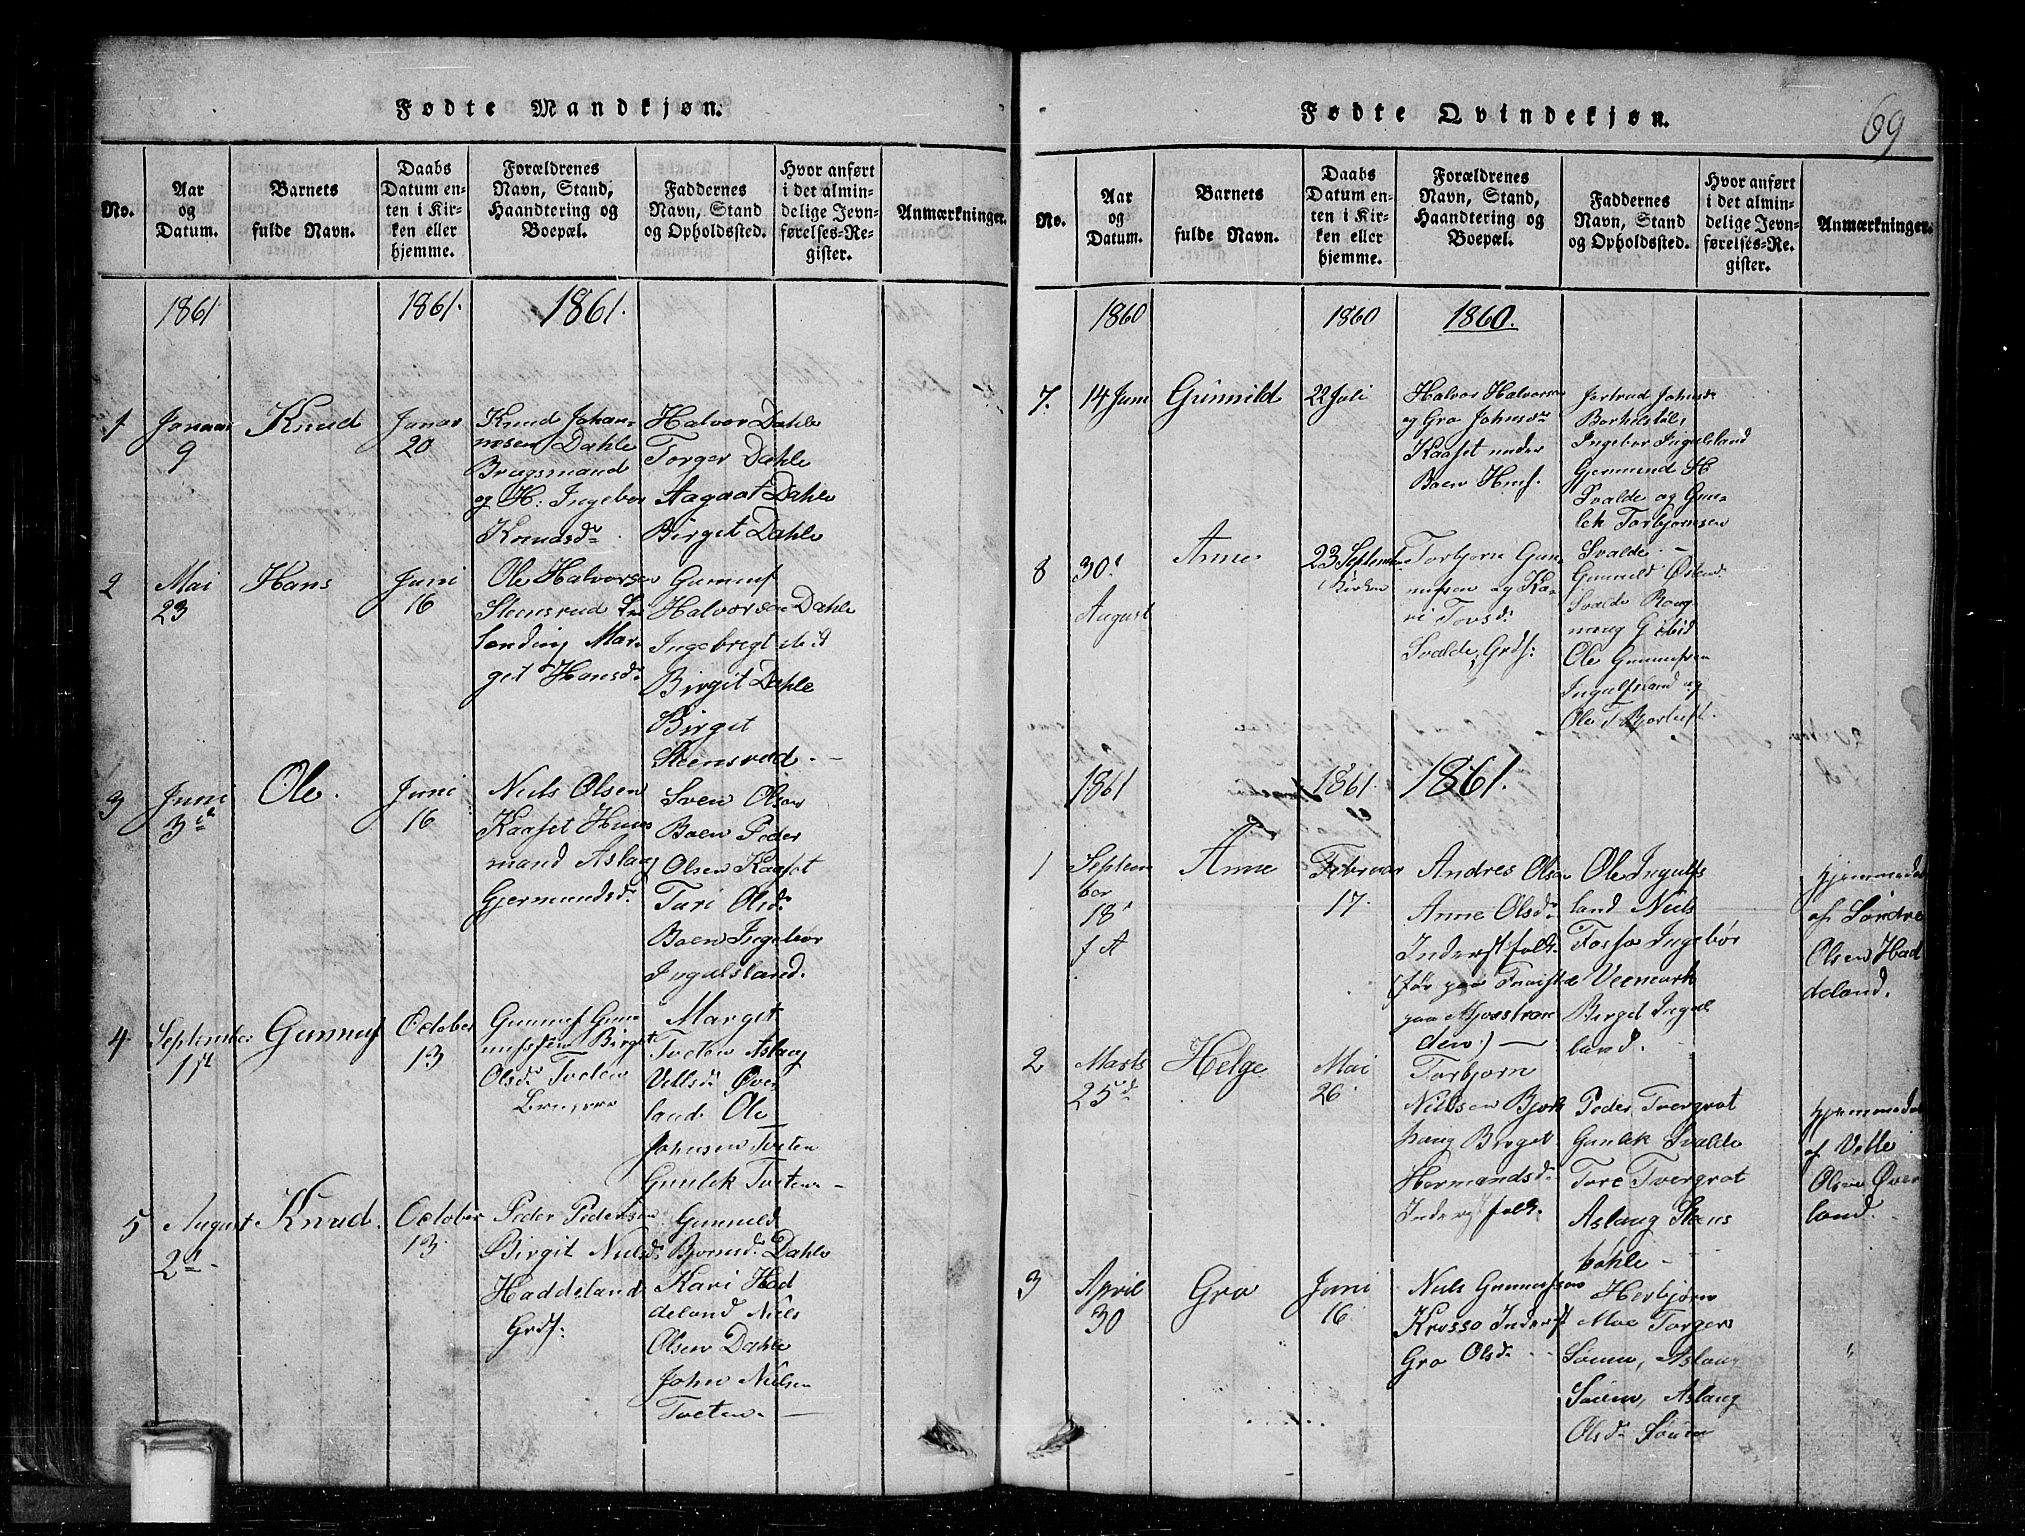 SAKO, Tinn kirkebøker, G/Gc/L0001: Klokkerbok nr. III 1, 1815-1879, s. 69